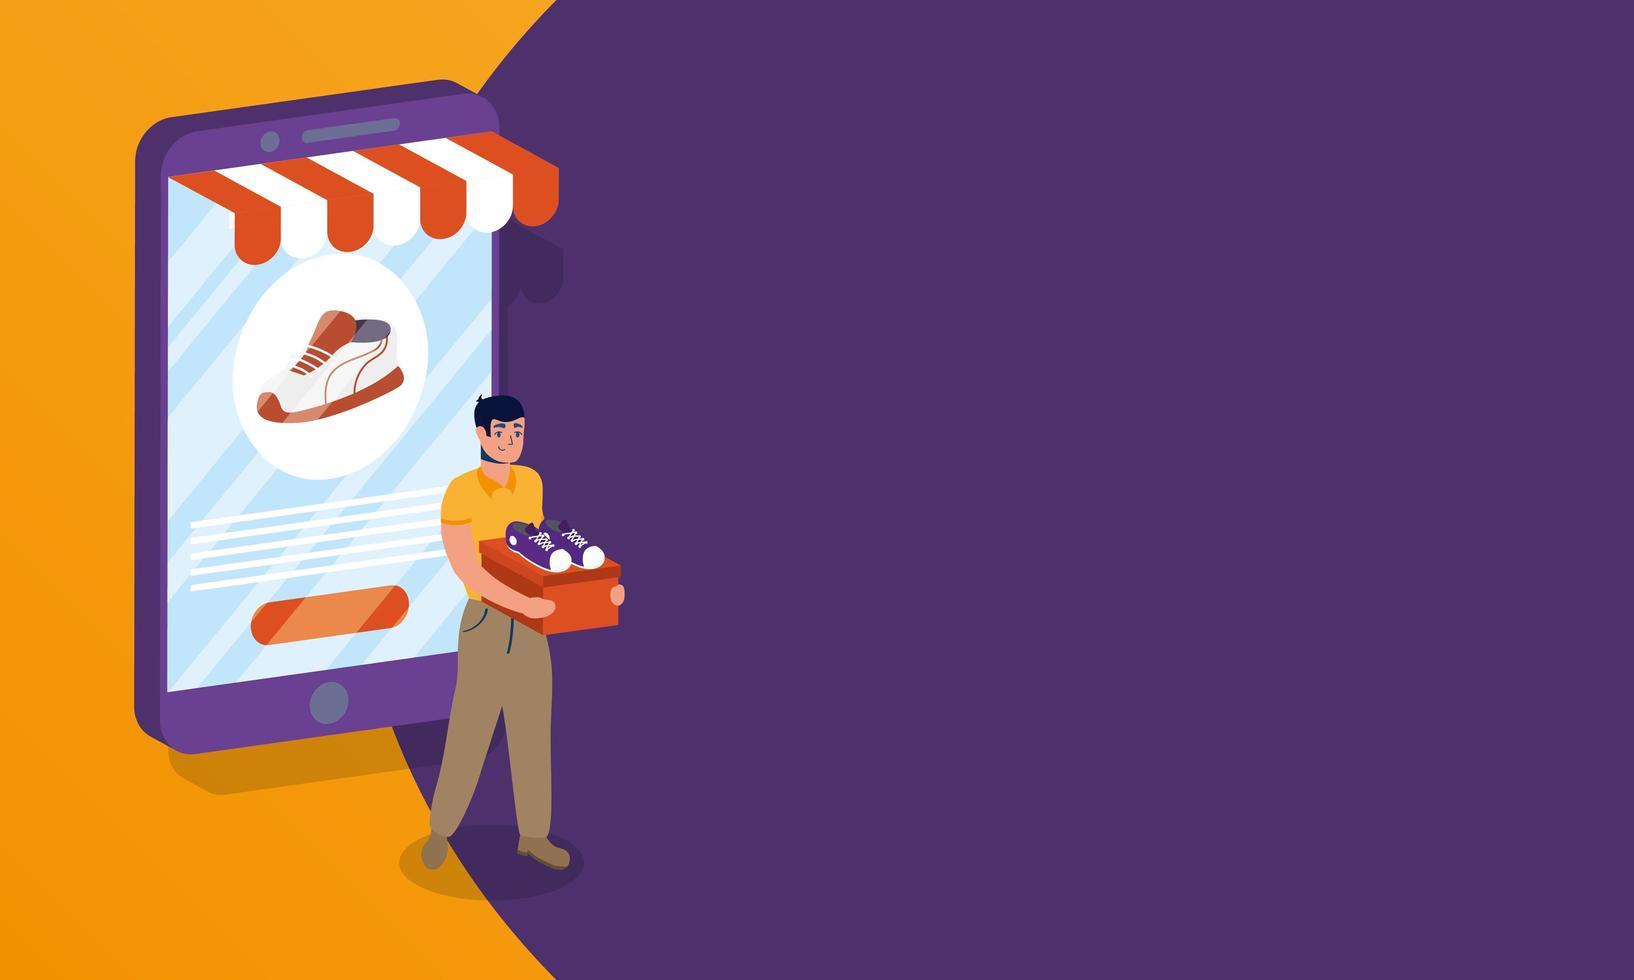 Compras de comercio electrónico en línea con hombre comprando zapatos y teléfono inteligente. vector